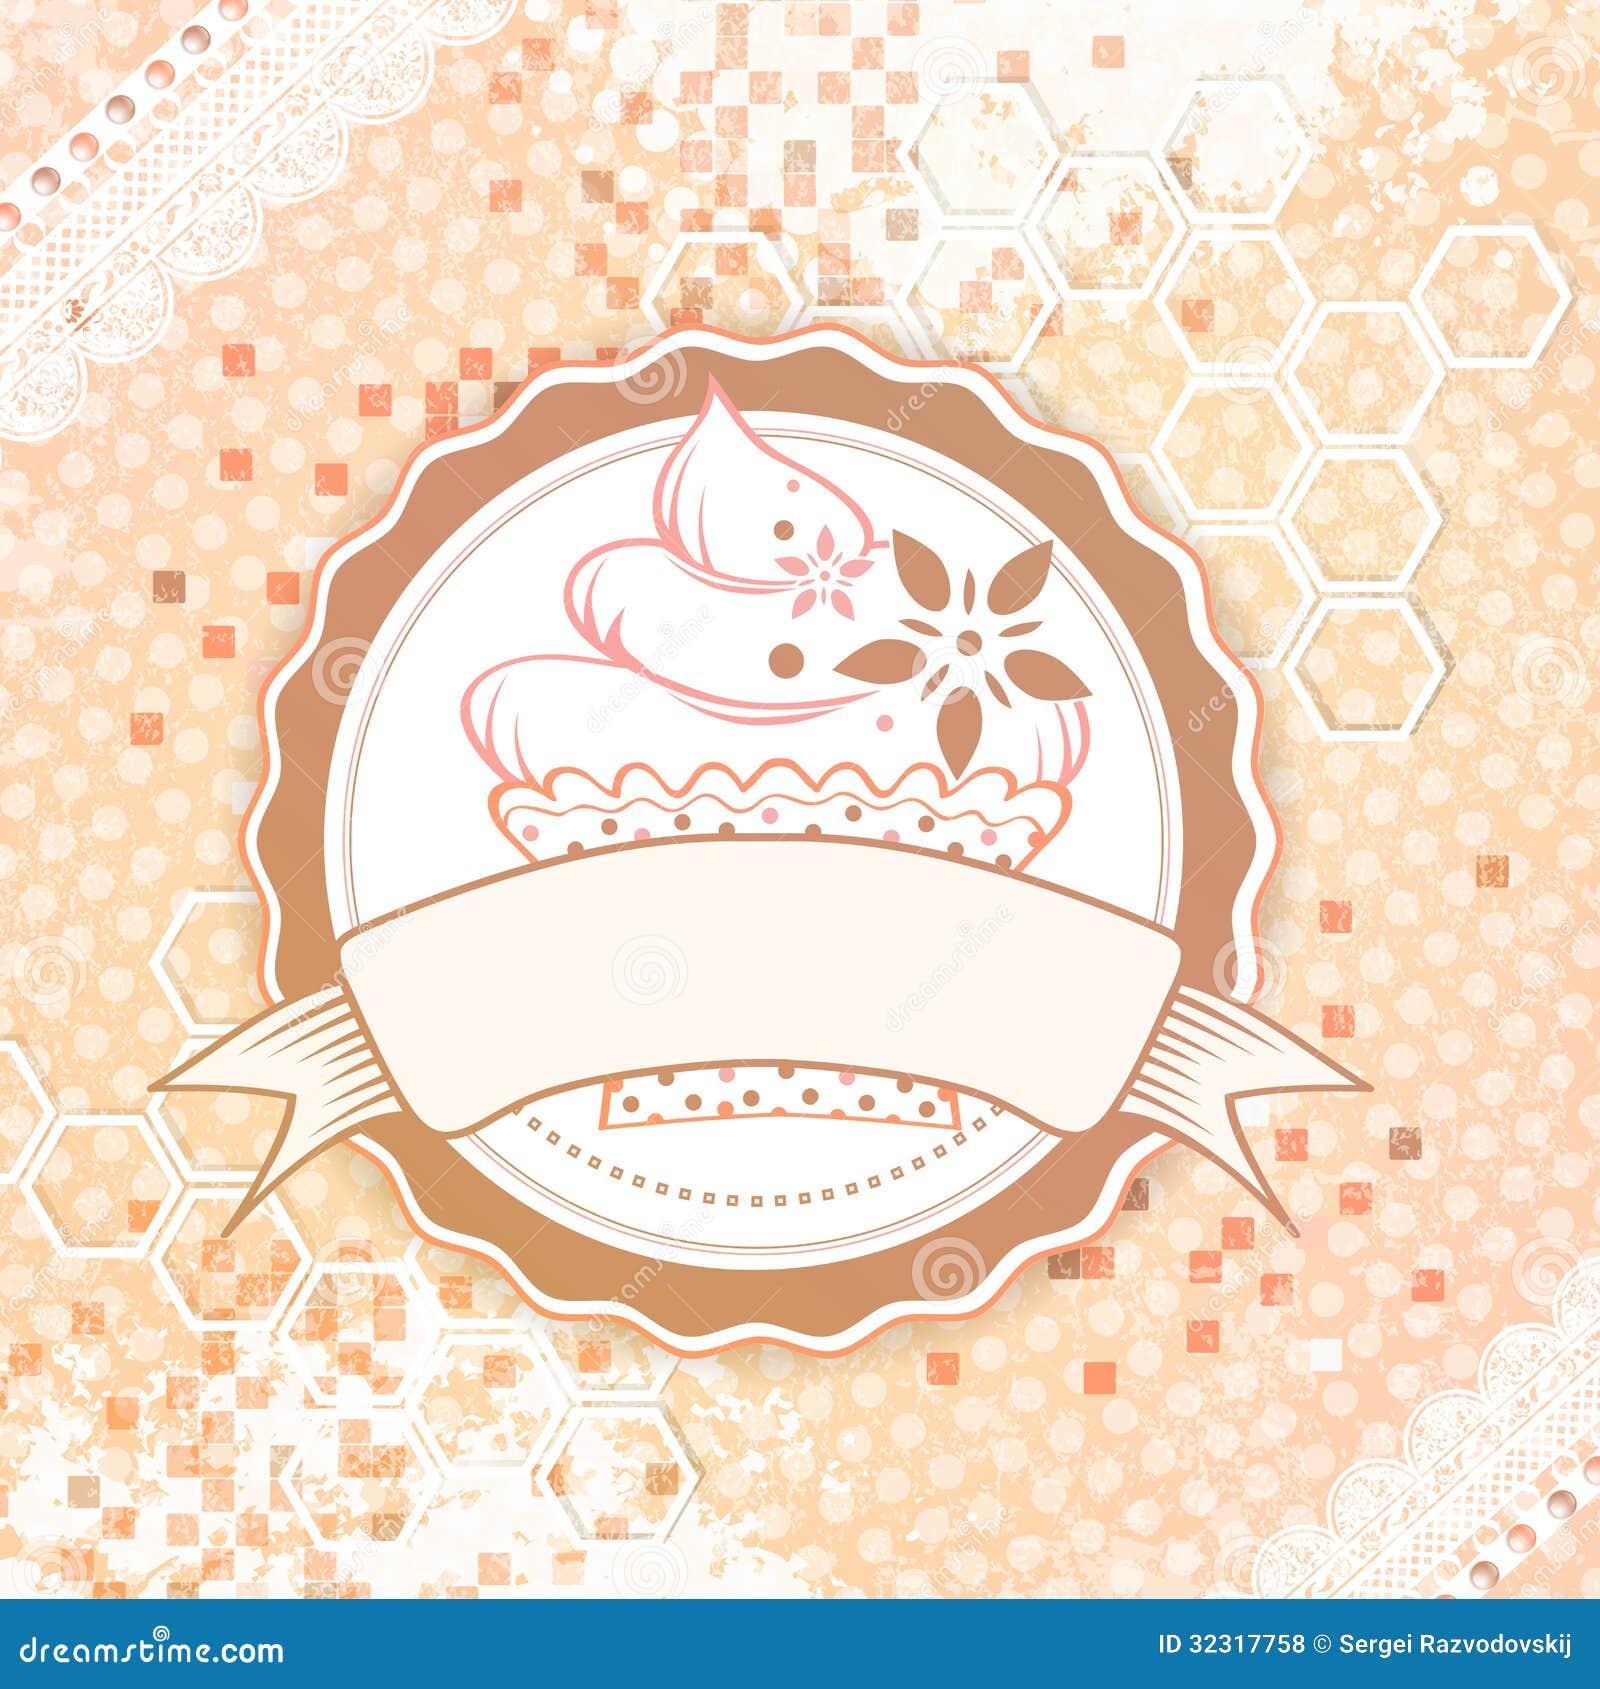 Cake Background Royalty Free Stock Photos - Image: 32317758